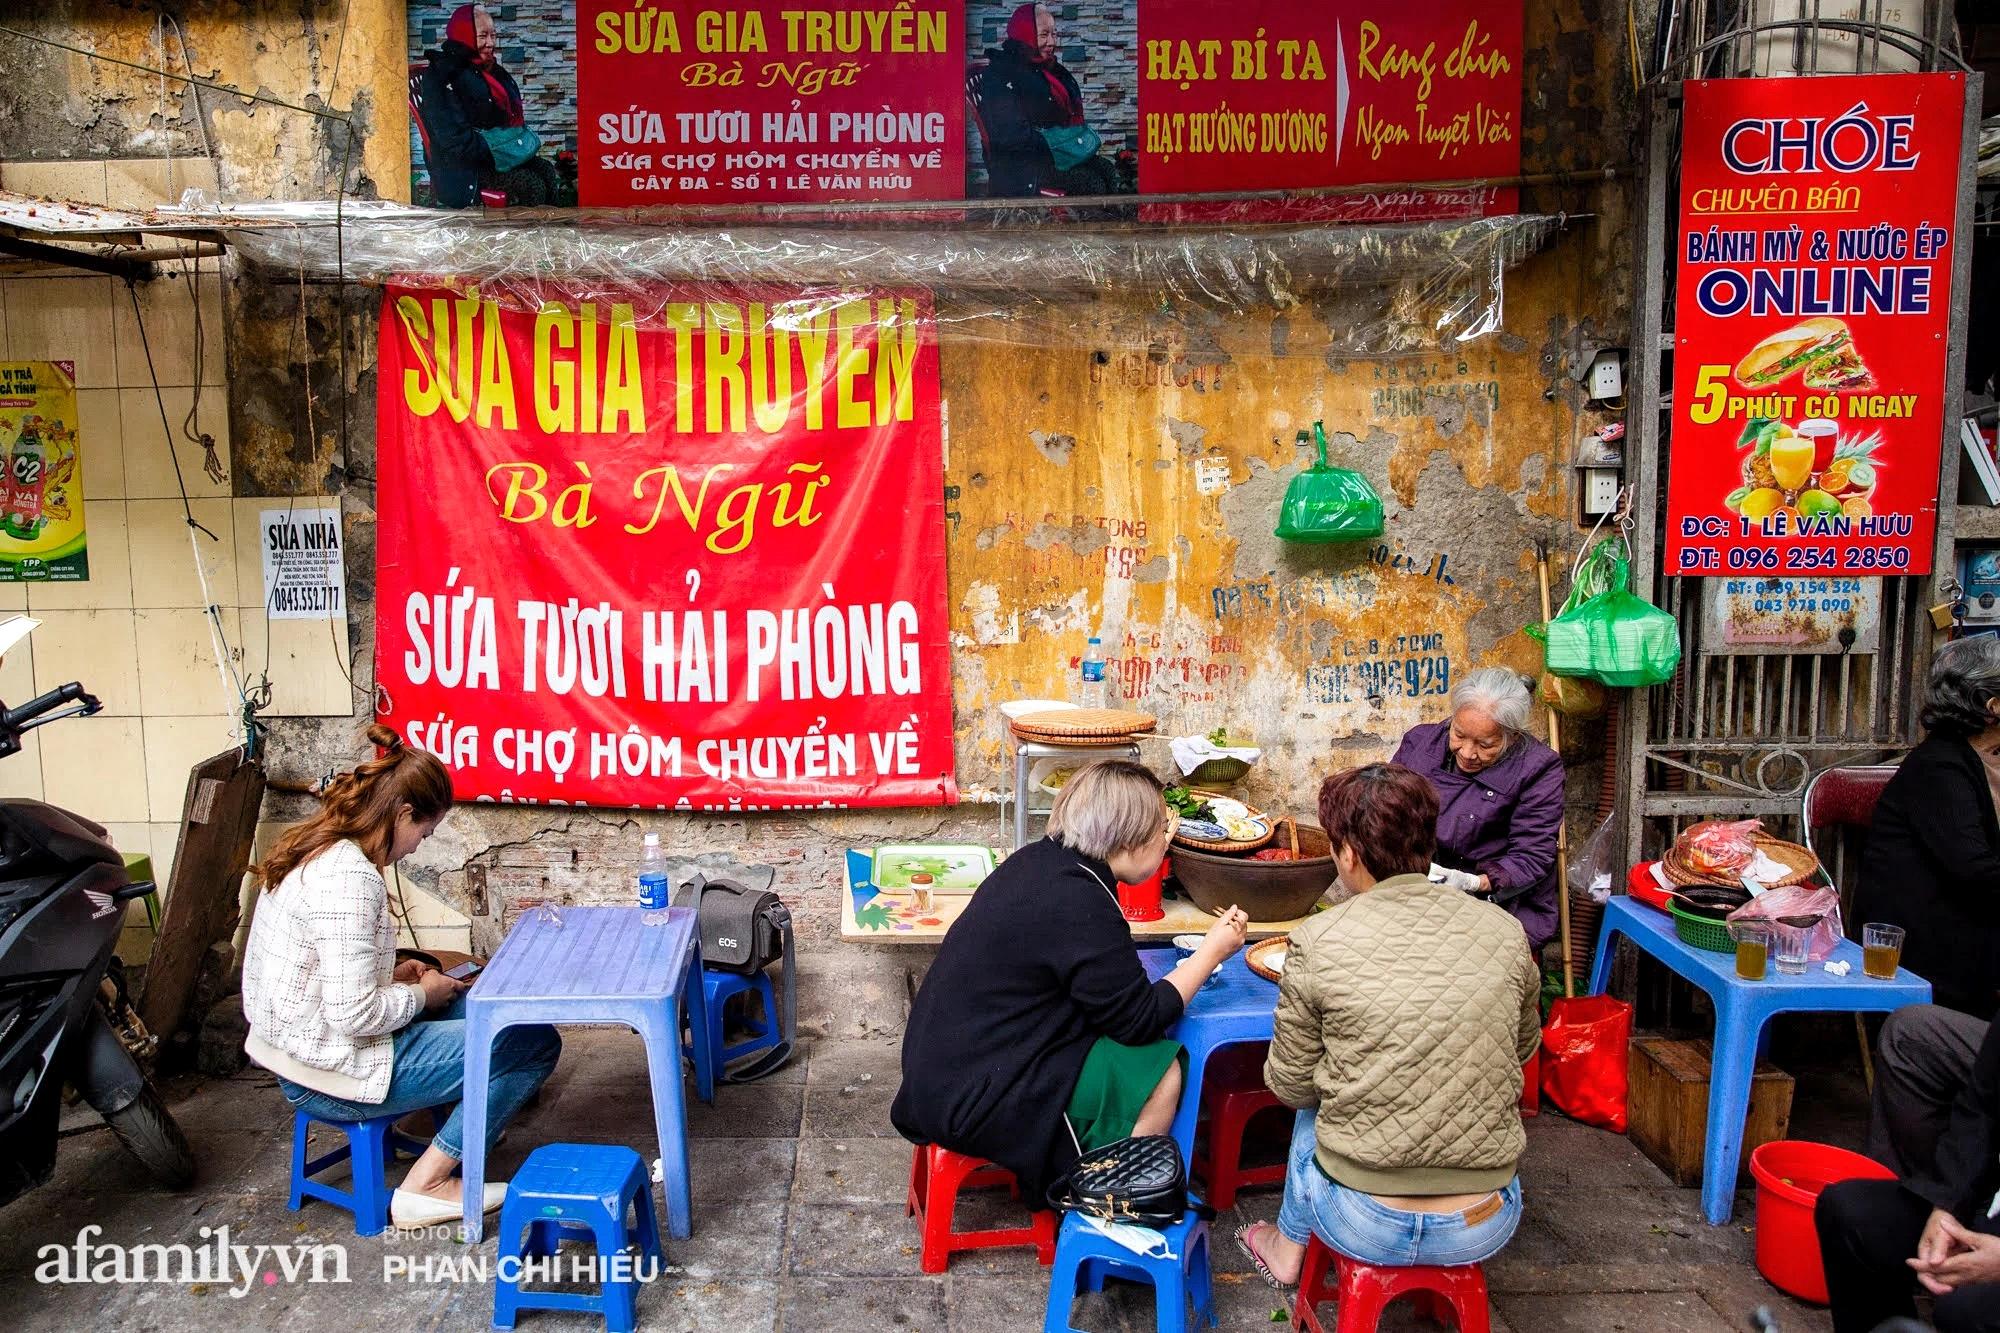 Bà chủ hàng sứa đỏ 3 đời người ở Hà Nội tiết lộ phần ngon nhất của con sứa khi rộ mùa, bật mí chỉ dùng dao tre thay vì dao thép để cắt sứa càng khiến món ăn thêm bí hiểm - Ảnh 3.